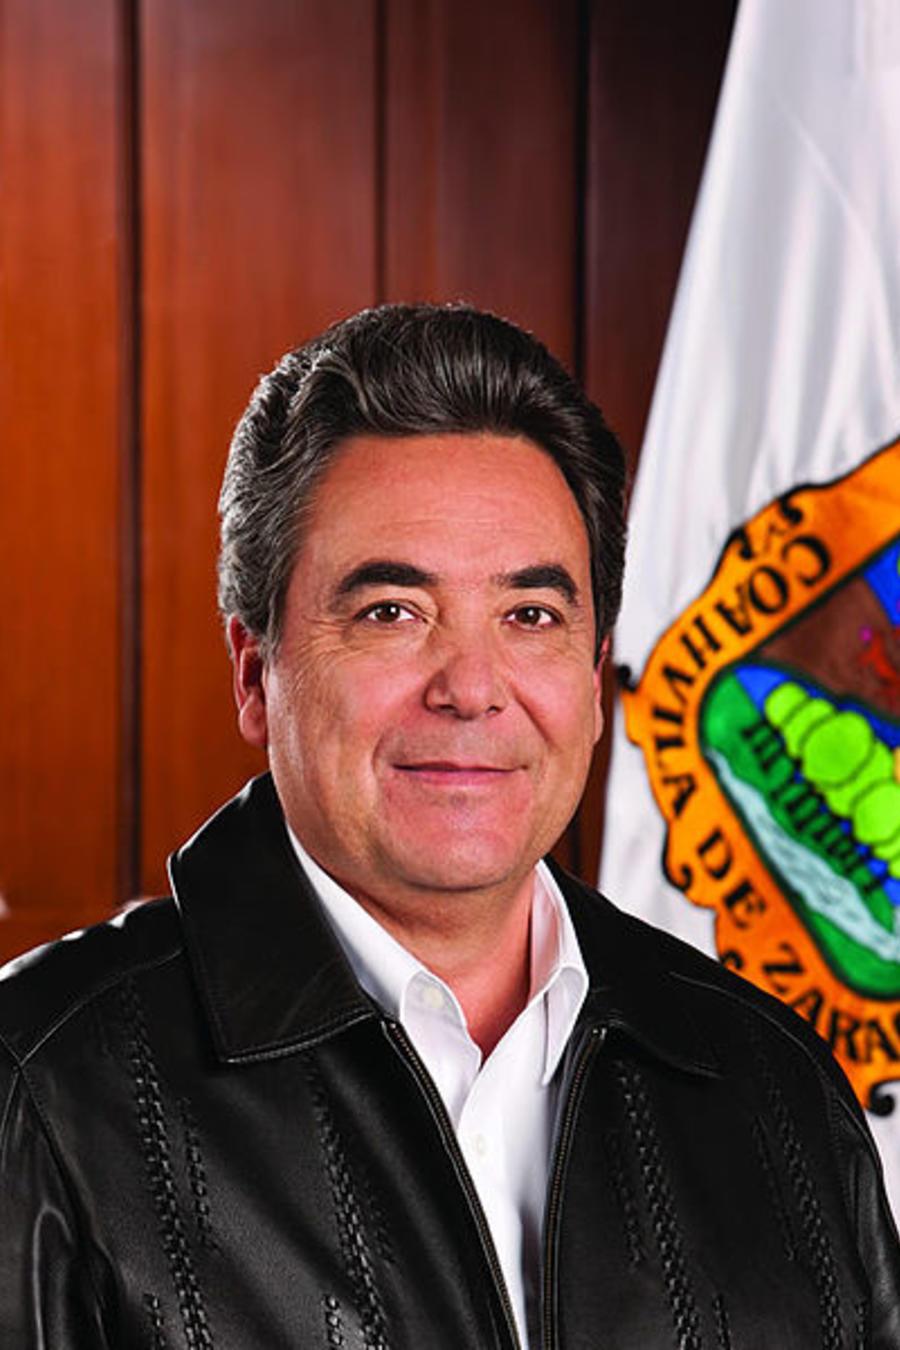 El exgobernador mexicano Jorge Juan Torres Lopez en una foto de archivo.